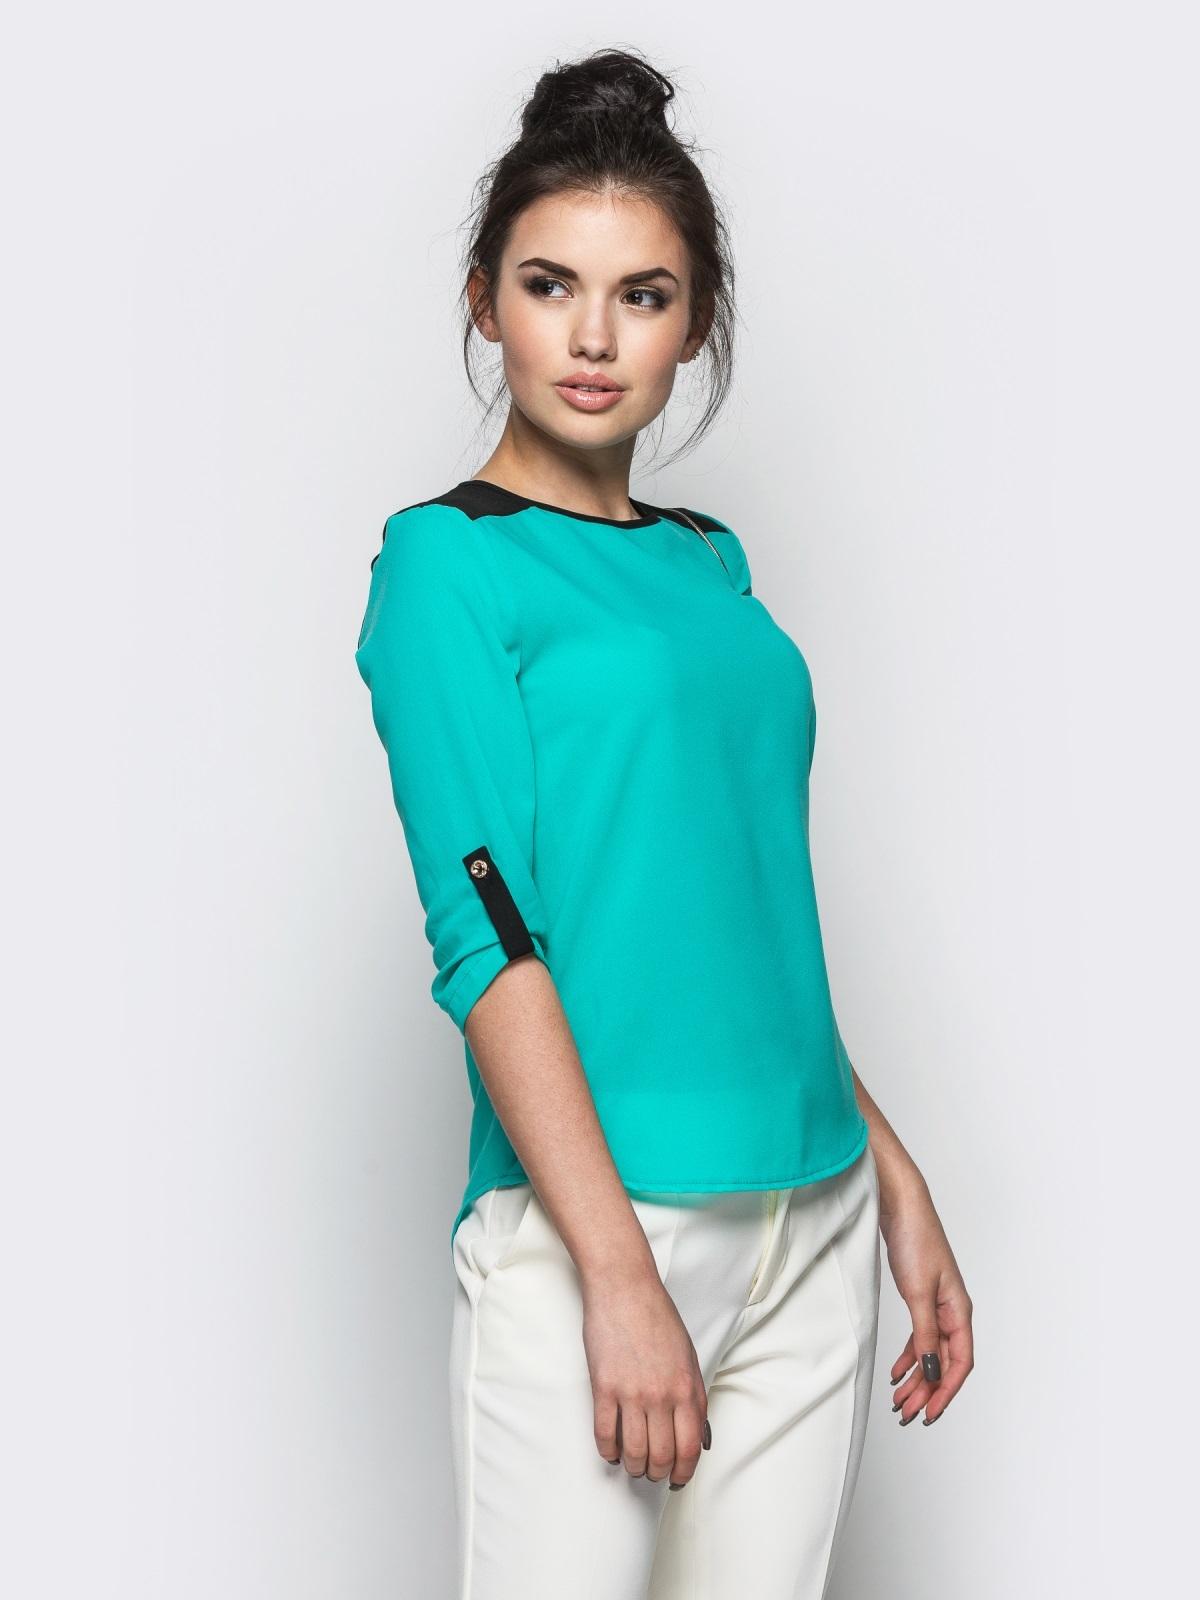 Голубая блузка с удлиненной спинкой и контрастными шлёвками - 10139, фото 1 – интернет-магазин Dressa